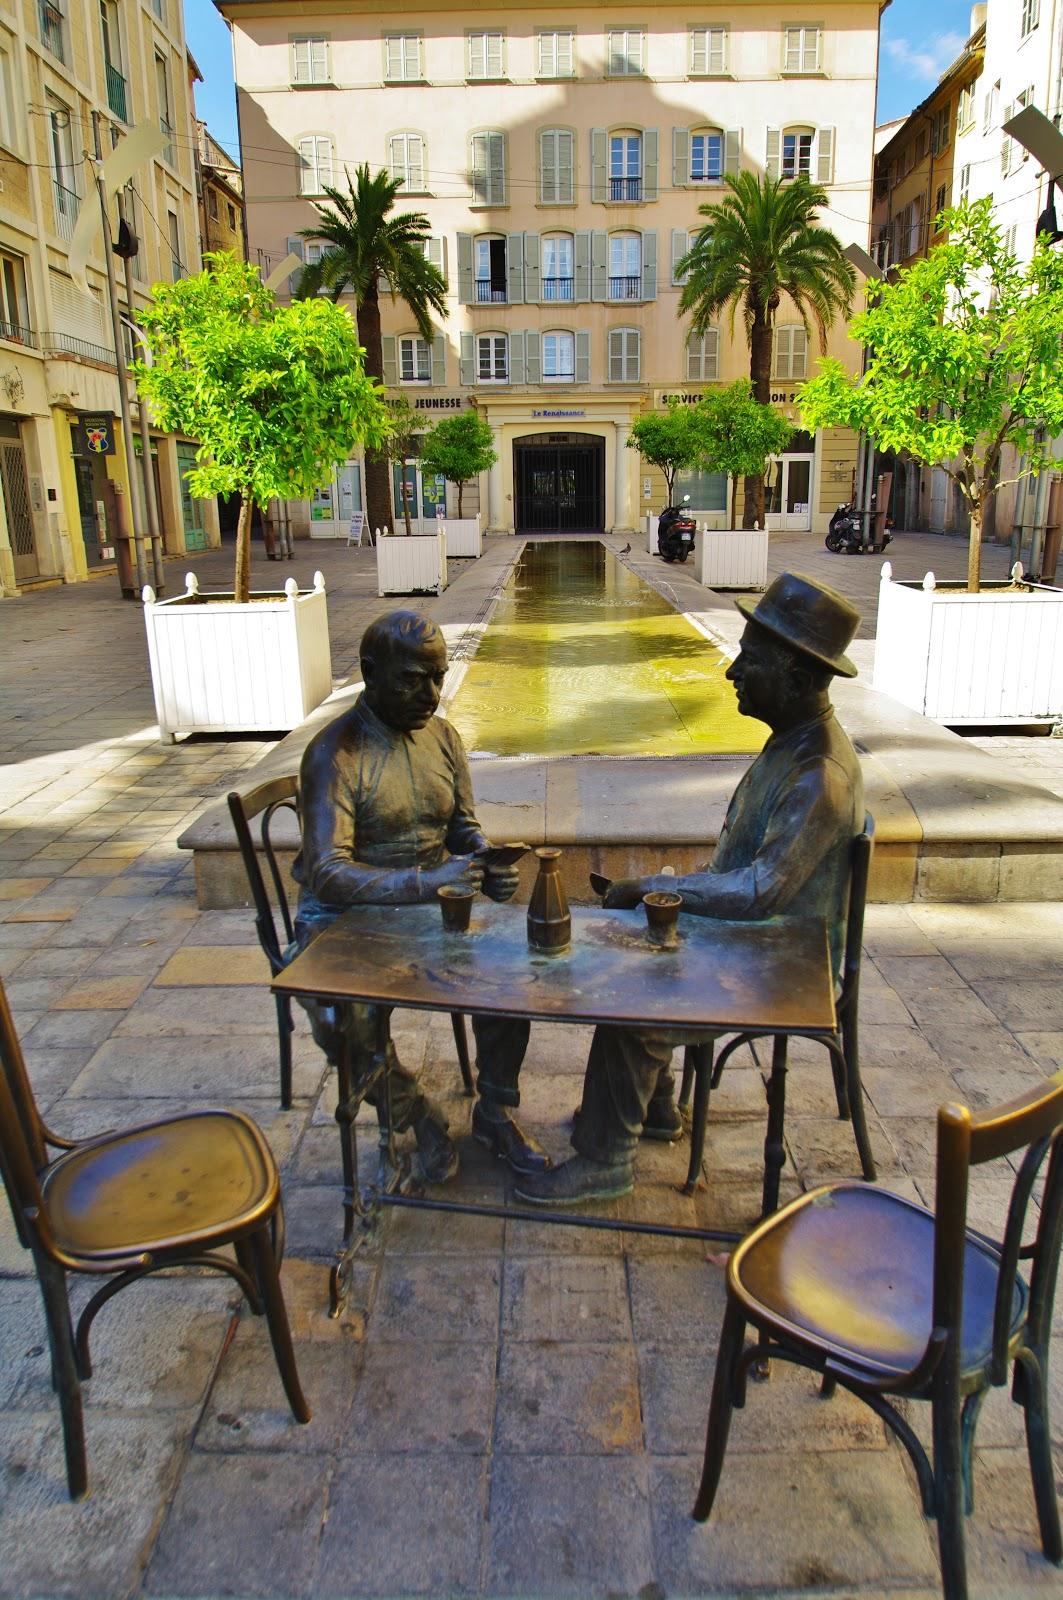 Rencontre Gay Dans Le Val-d'Oise (95). Annonces De Rencontre Entre Hommes